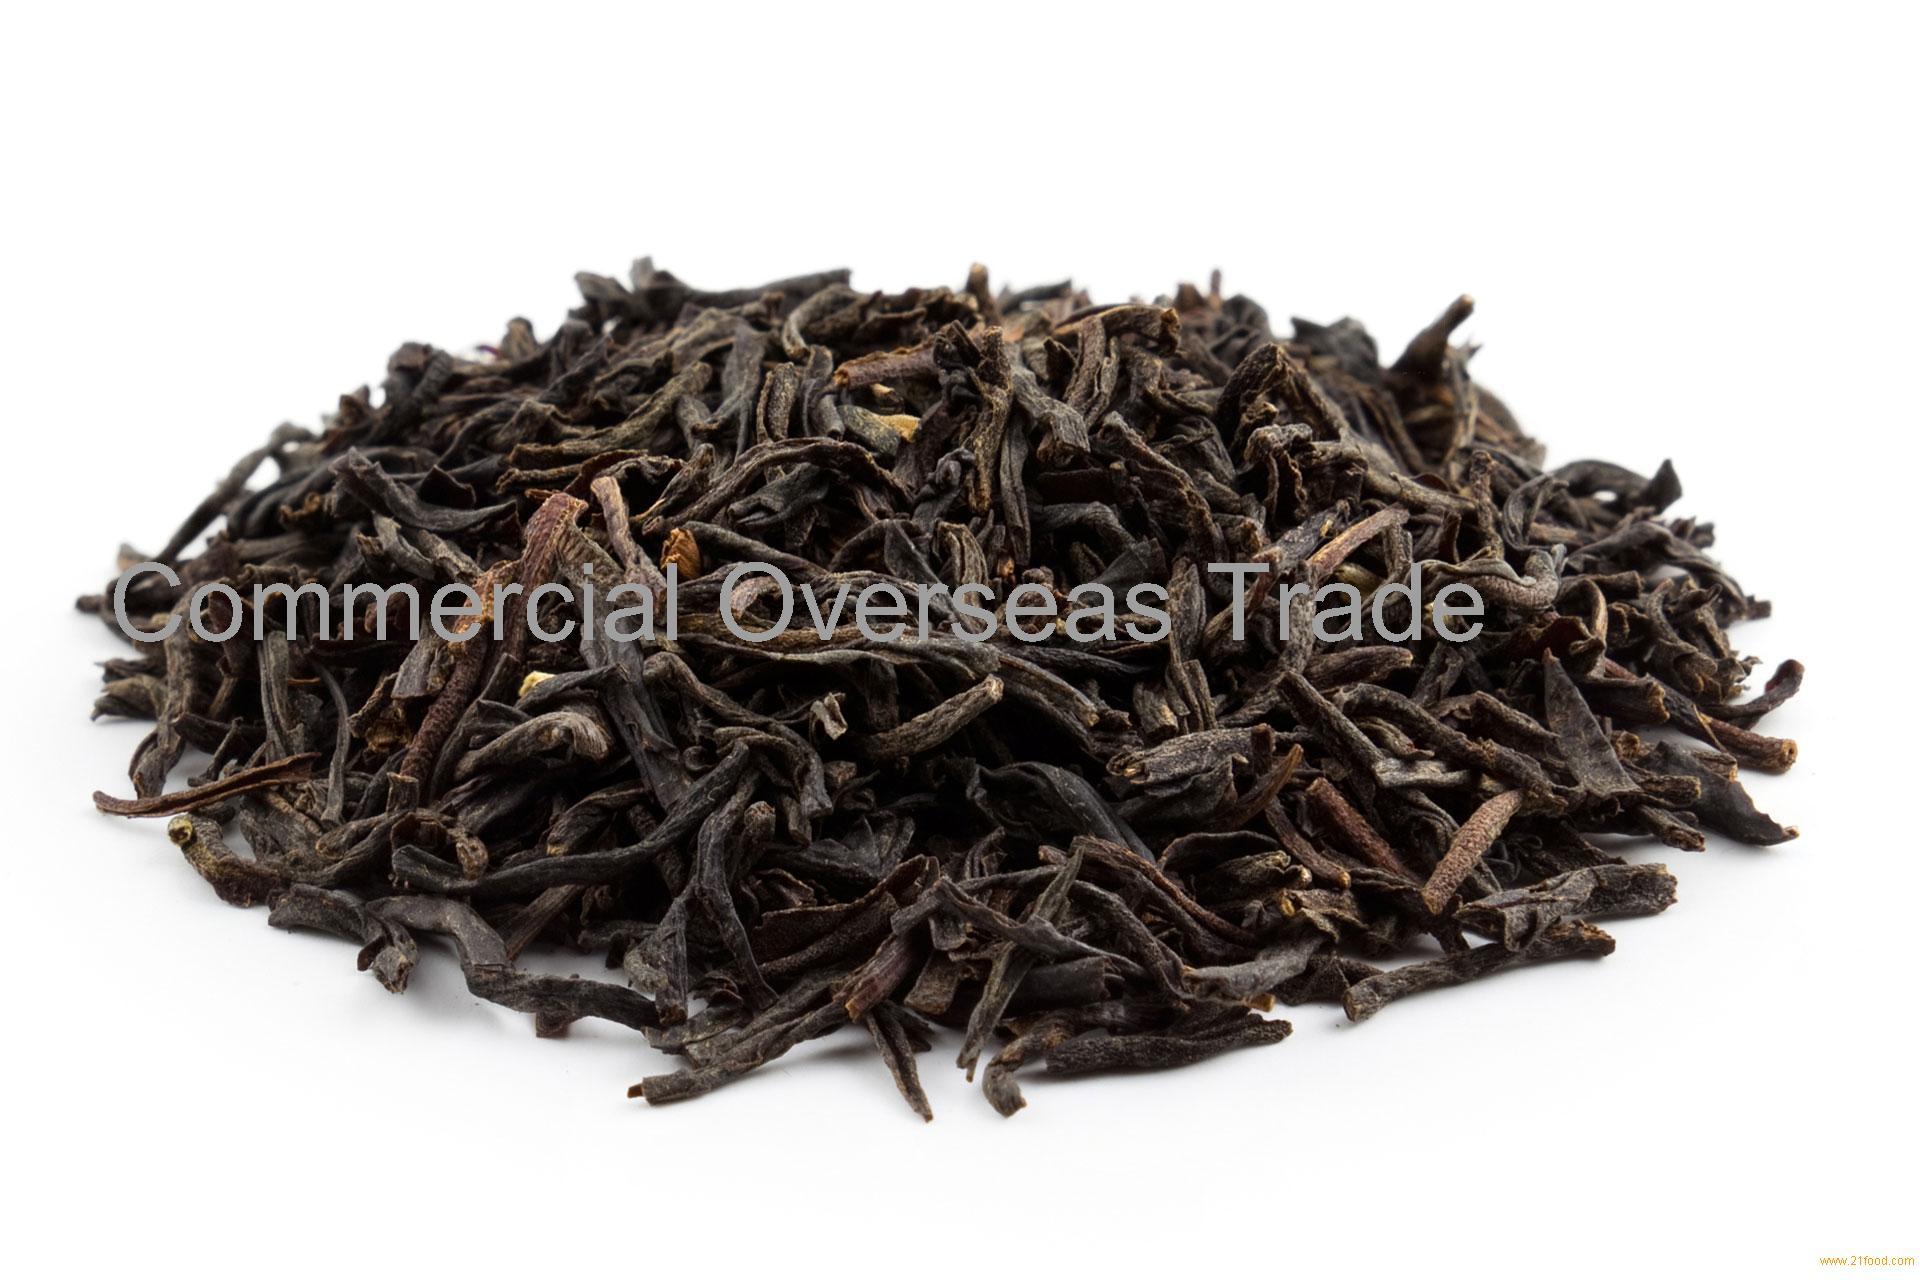 Black, Green, White, Rooibos tea. 30% Discount now